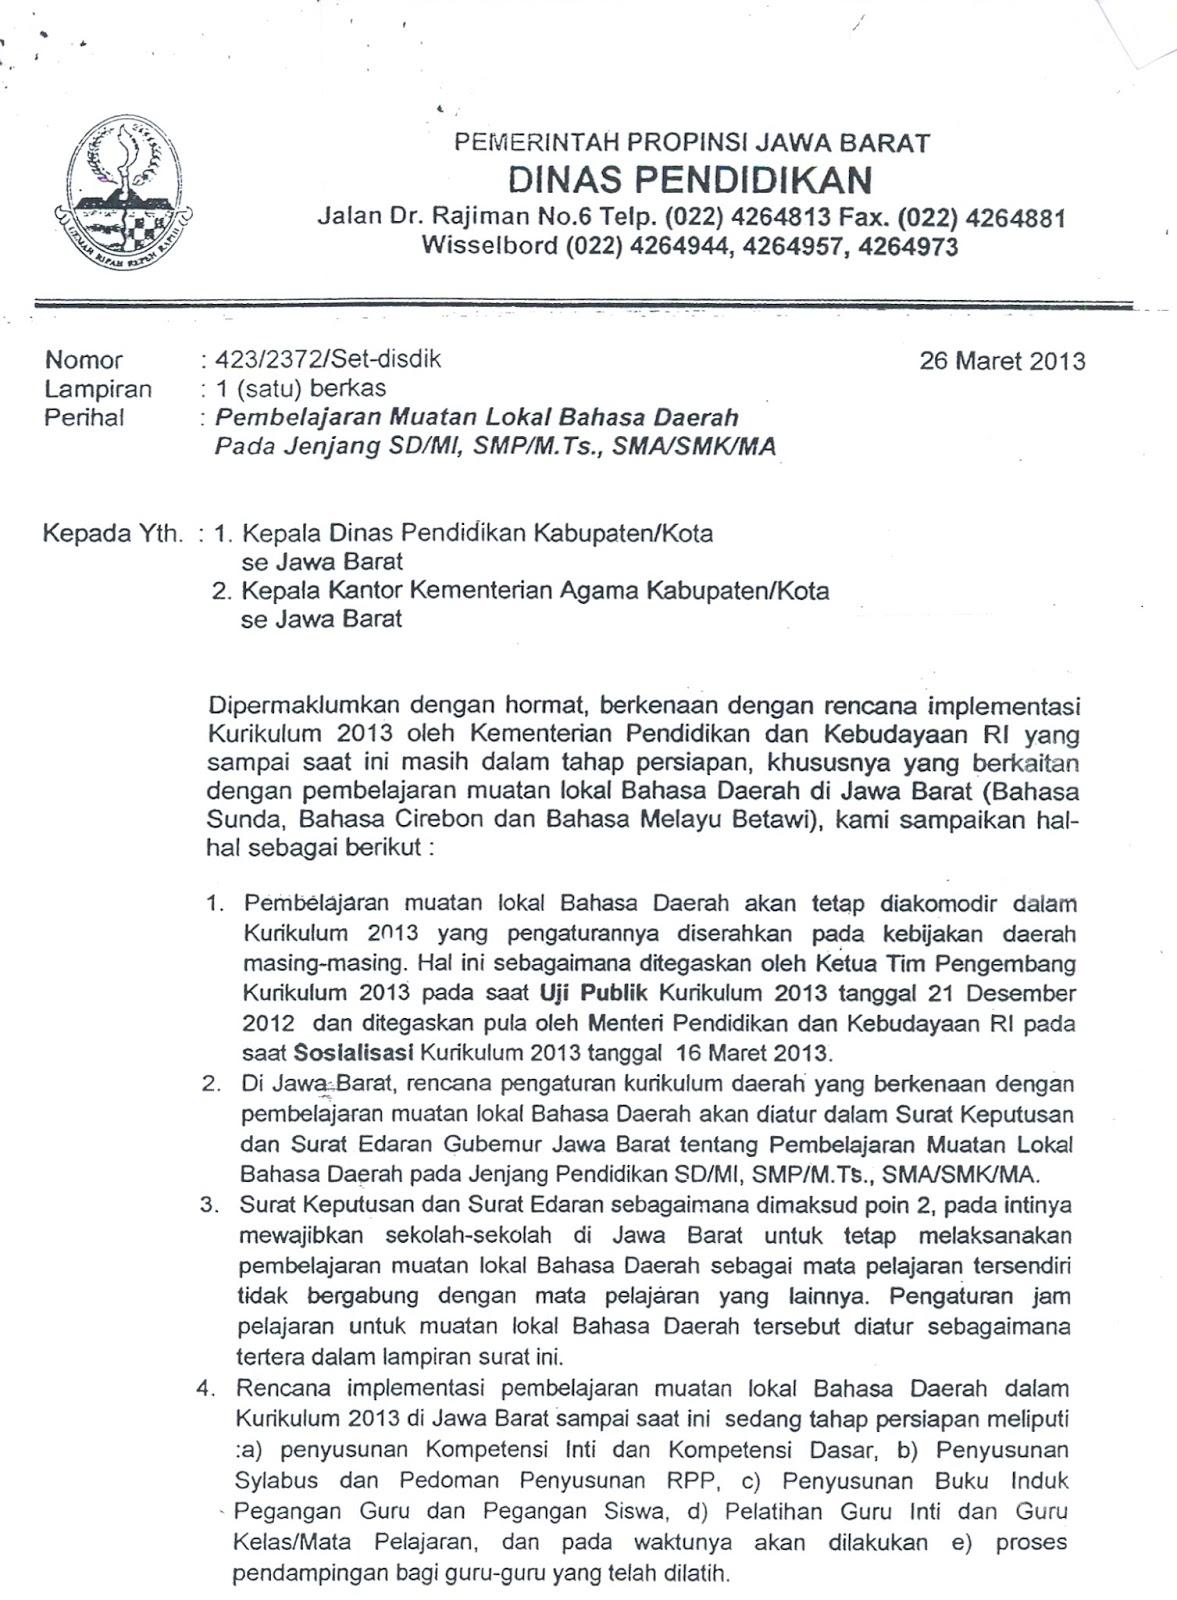 Musyawarah Kerja Kepala SMK Kota Bandung: Surat Kepala ...